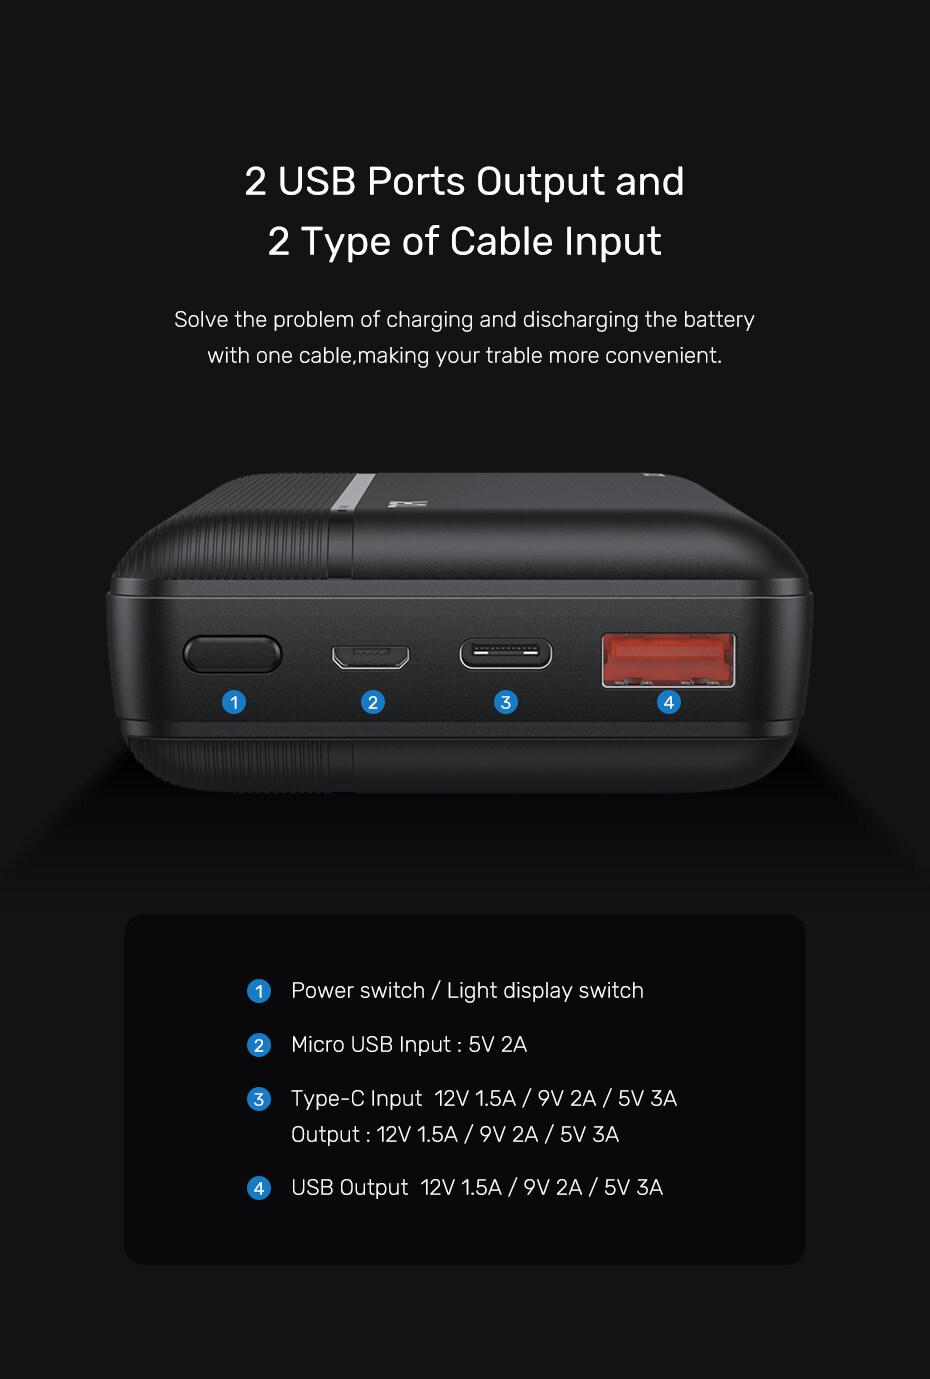 Pin sa c dư pho ng Nhanh Thông Dụng TOPK I2015P 20000 MAh 18W QC3.0 Origional Ngân Hàng Điện Dành Cho iPhone Samsung OPPO VIVO HUAWEI XIAOMI - Phân phối bởi TOPK VIỆT NAM 3